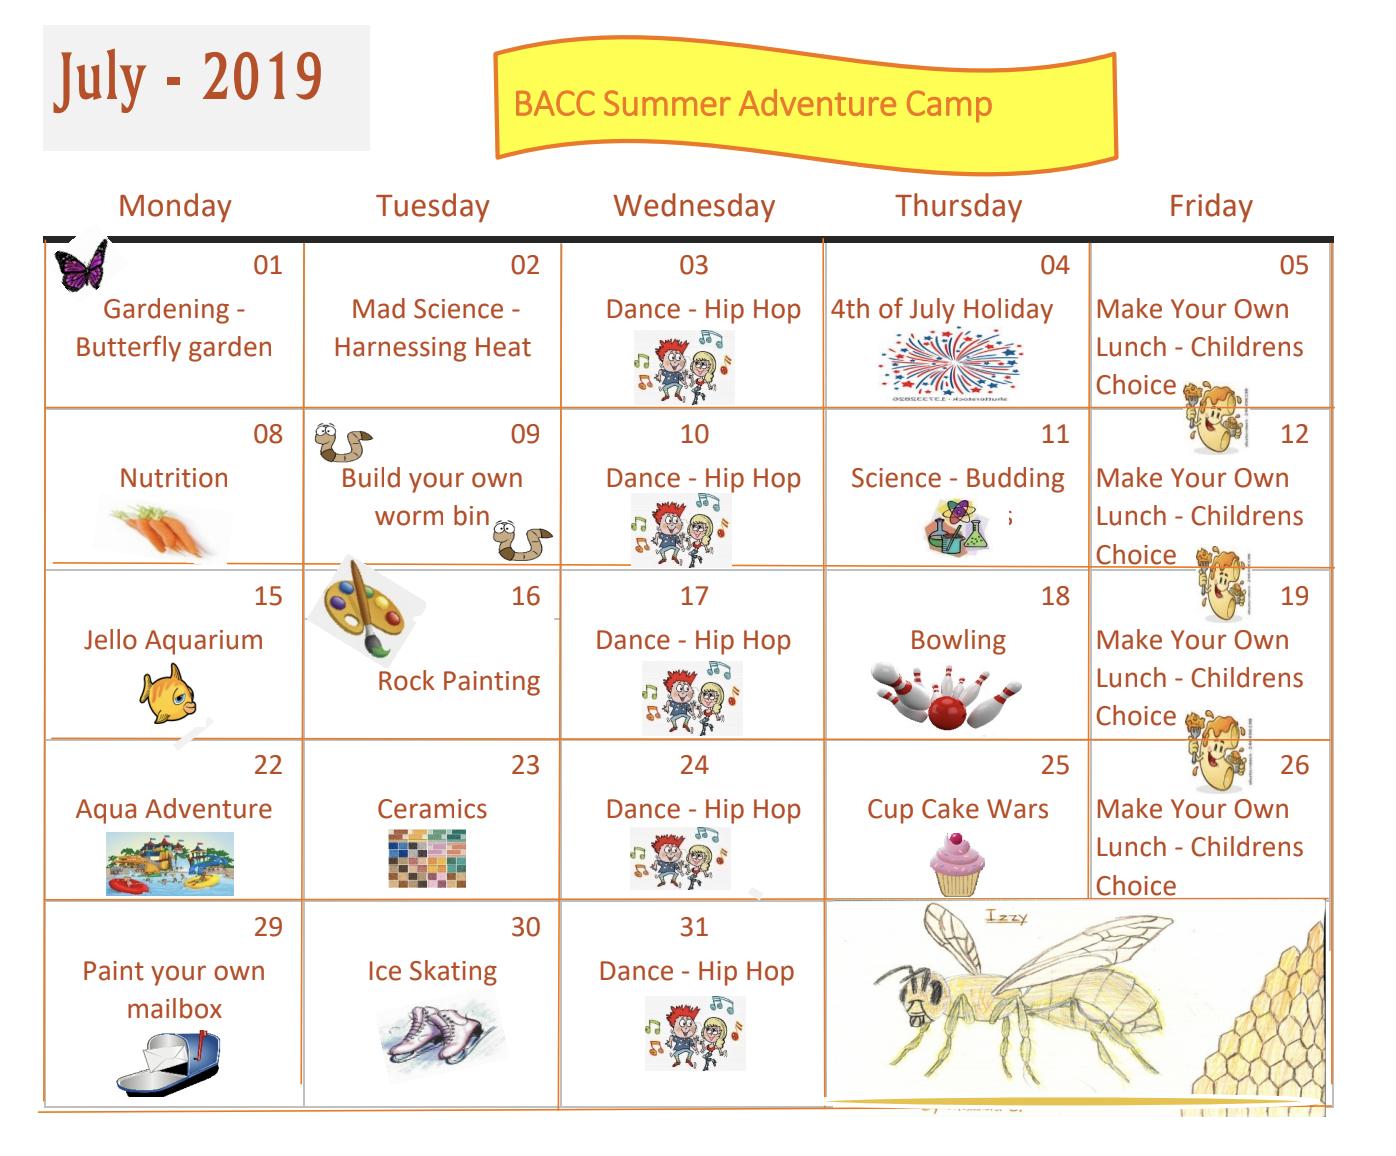 July 2019 Summer Calendar